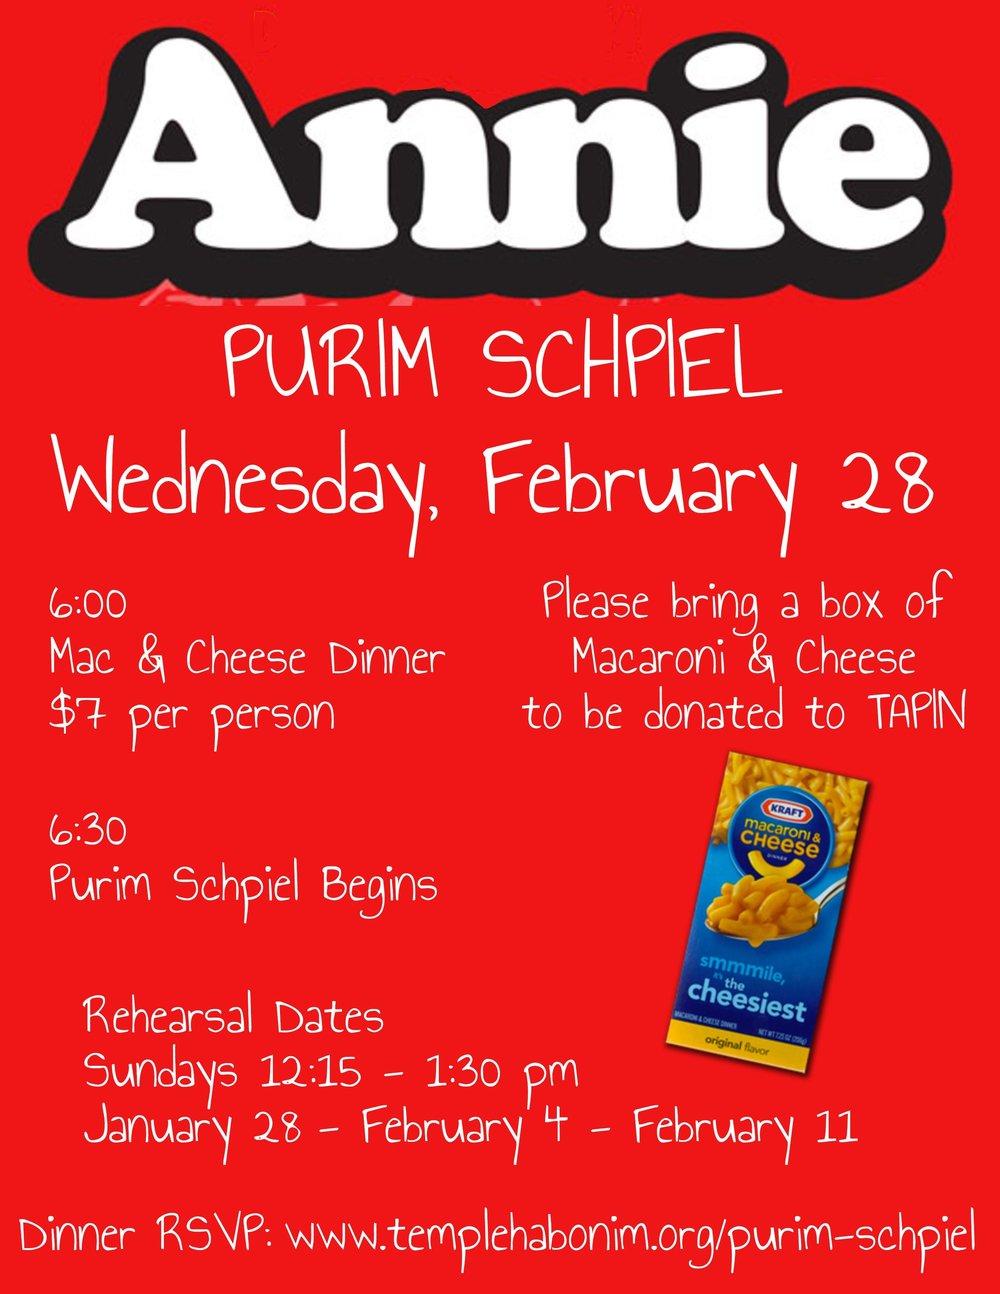 Purim Schpiel Flyer (Annie) FINAL.jpg